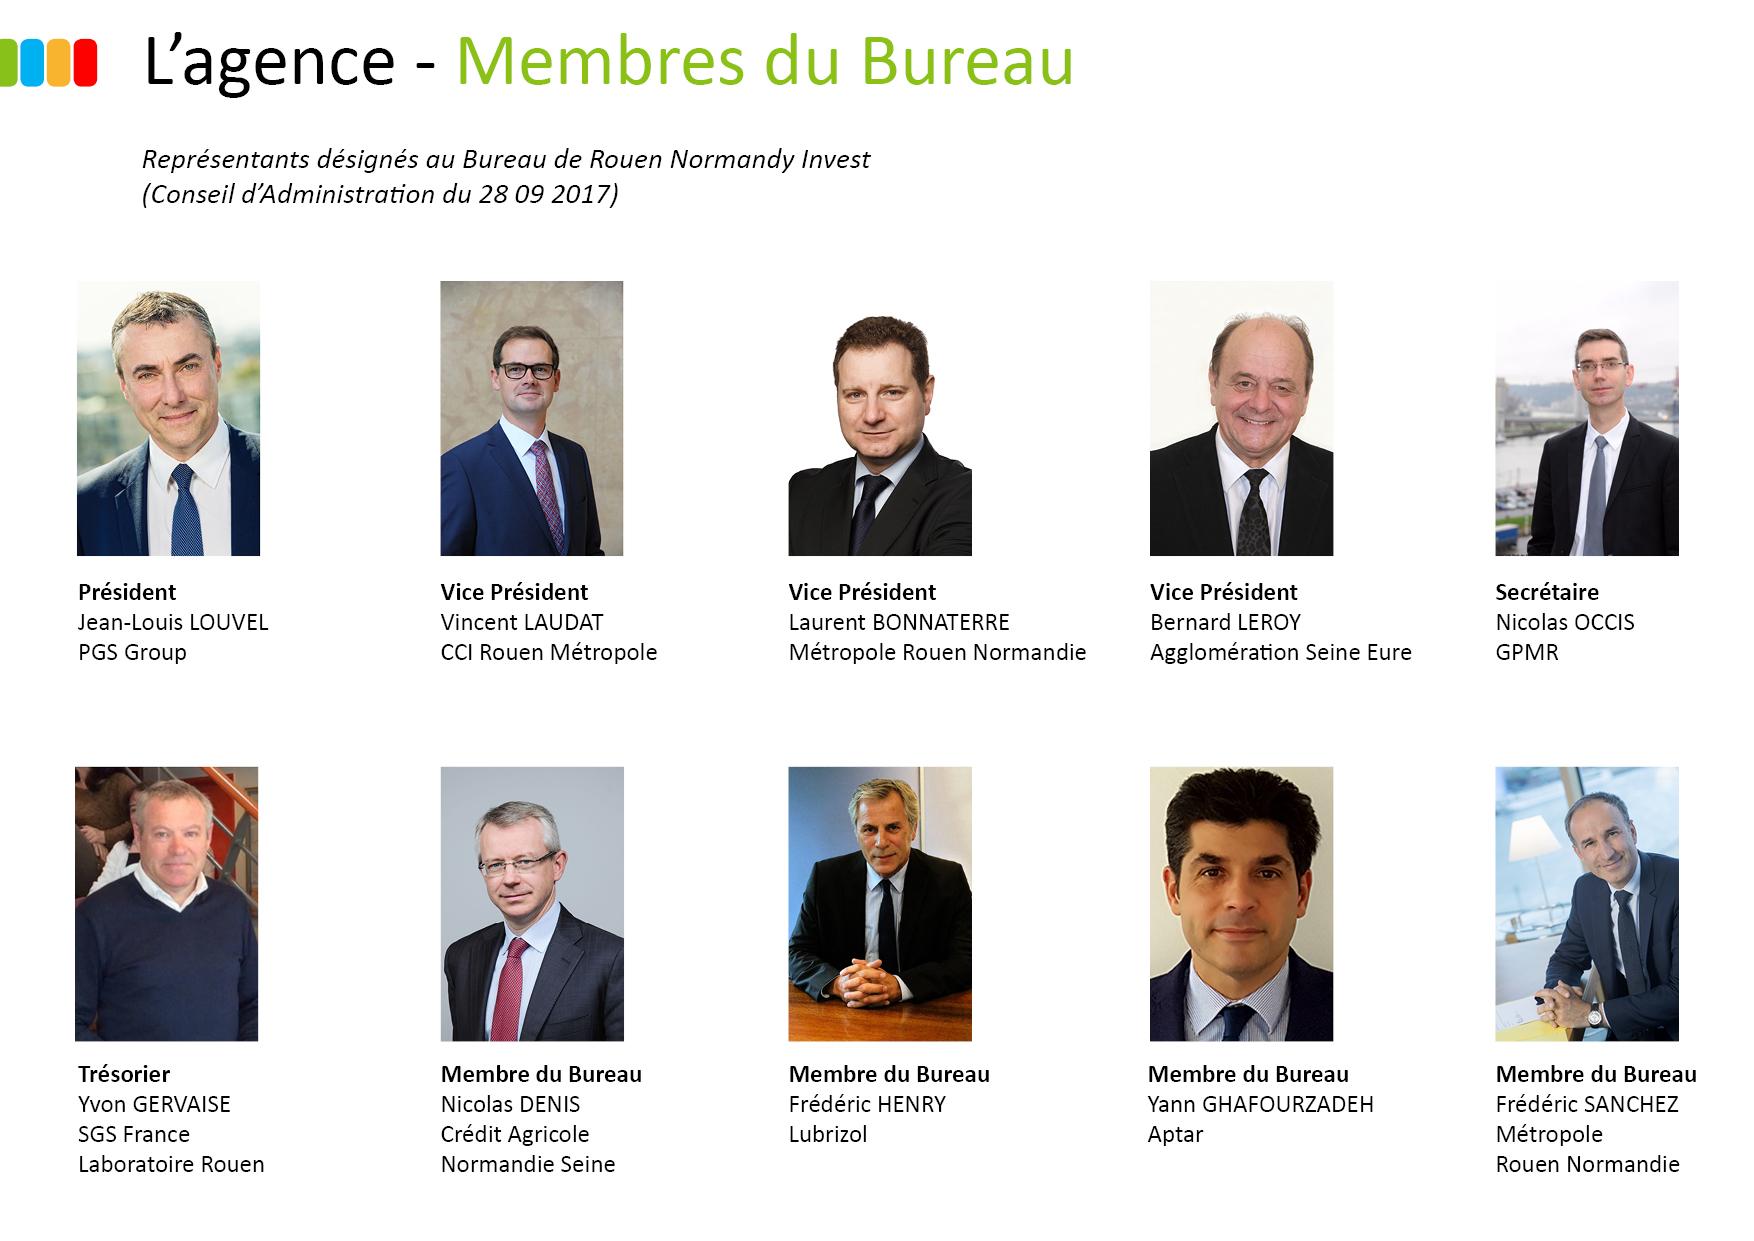 Mmebres du Bureau Rouen Normandy INvest en 2017